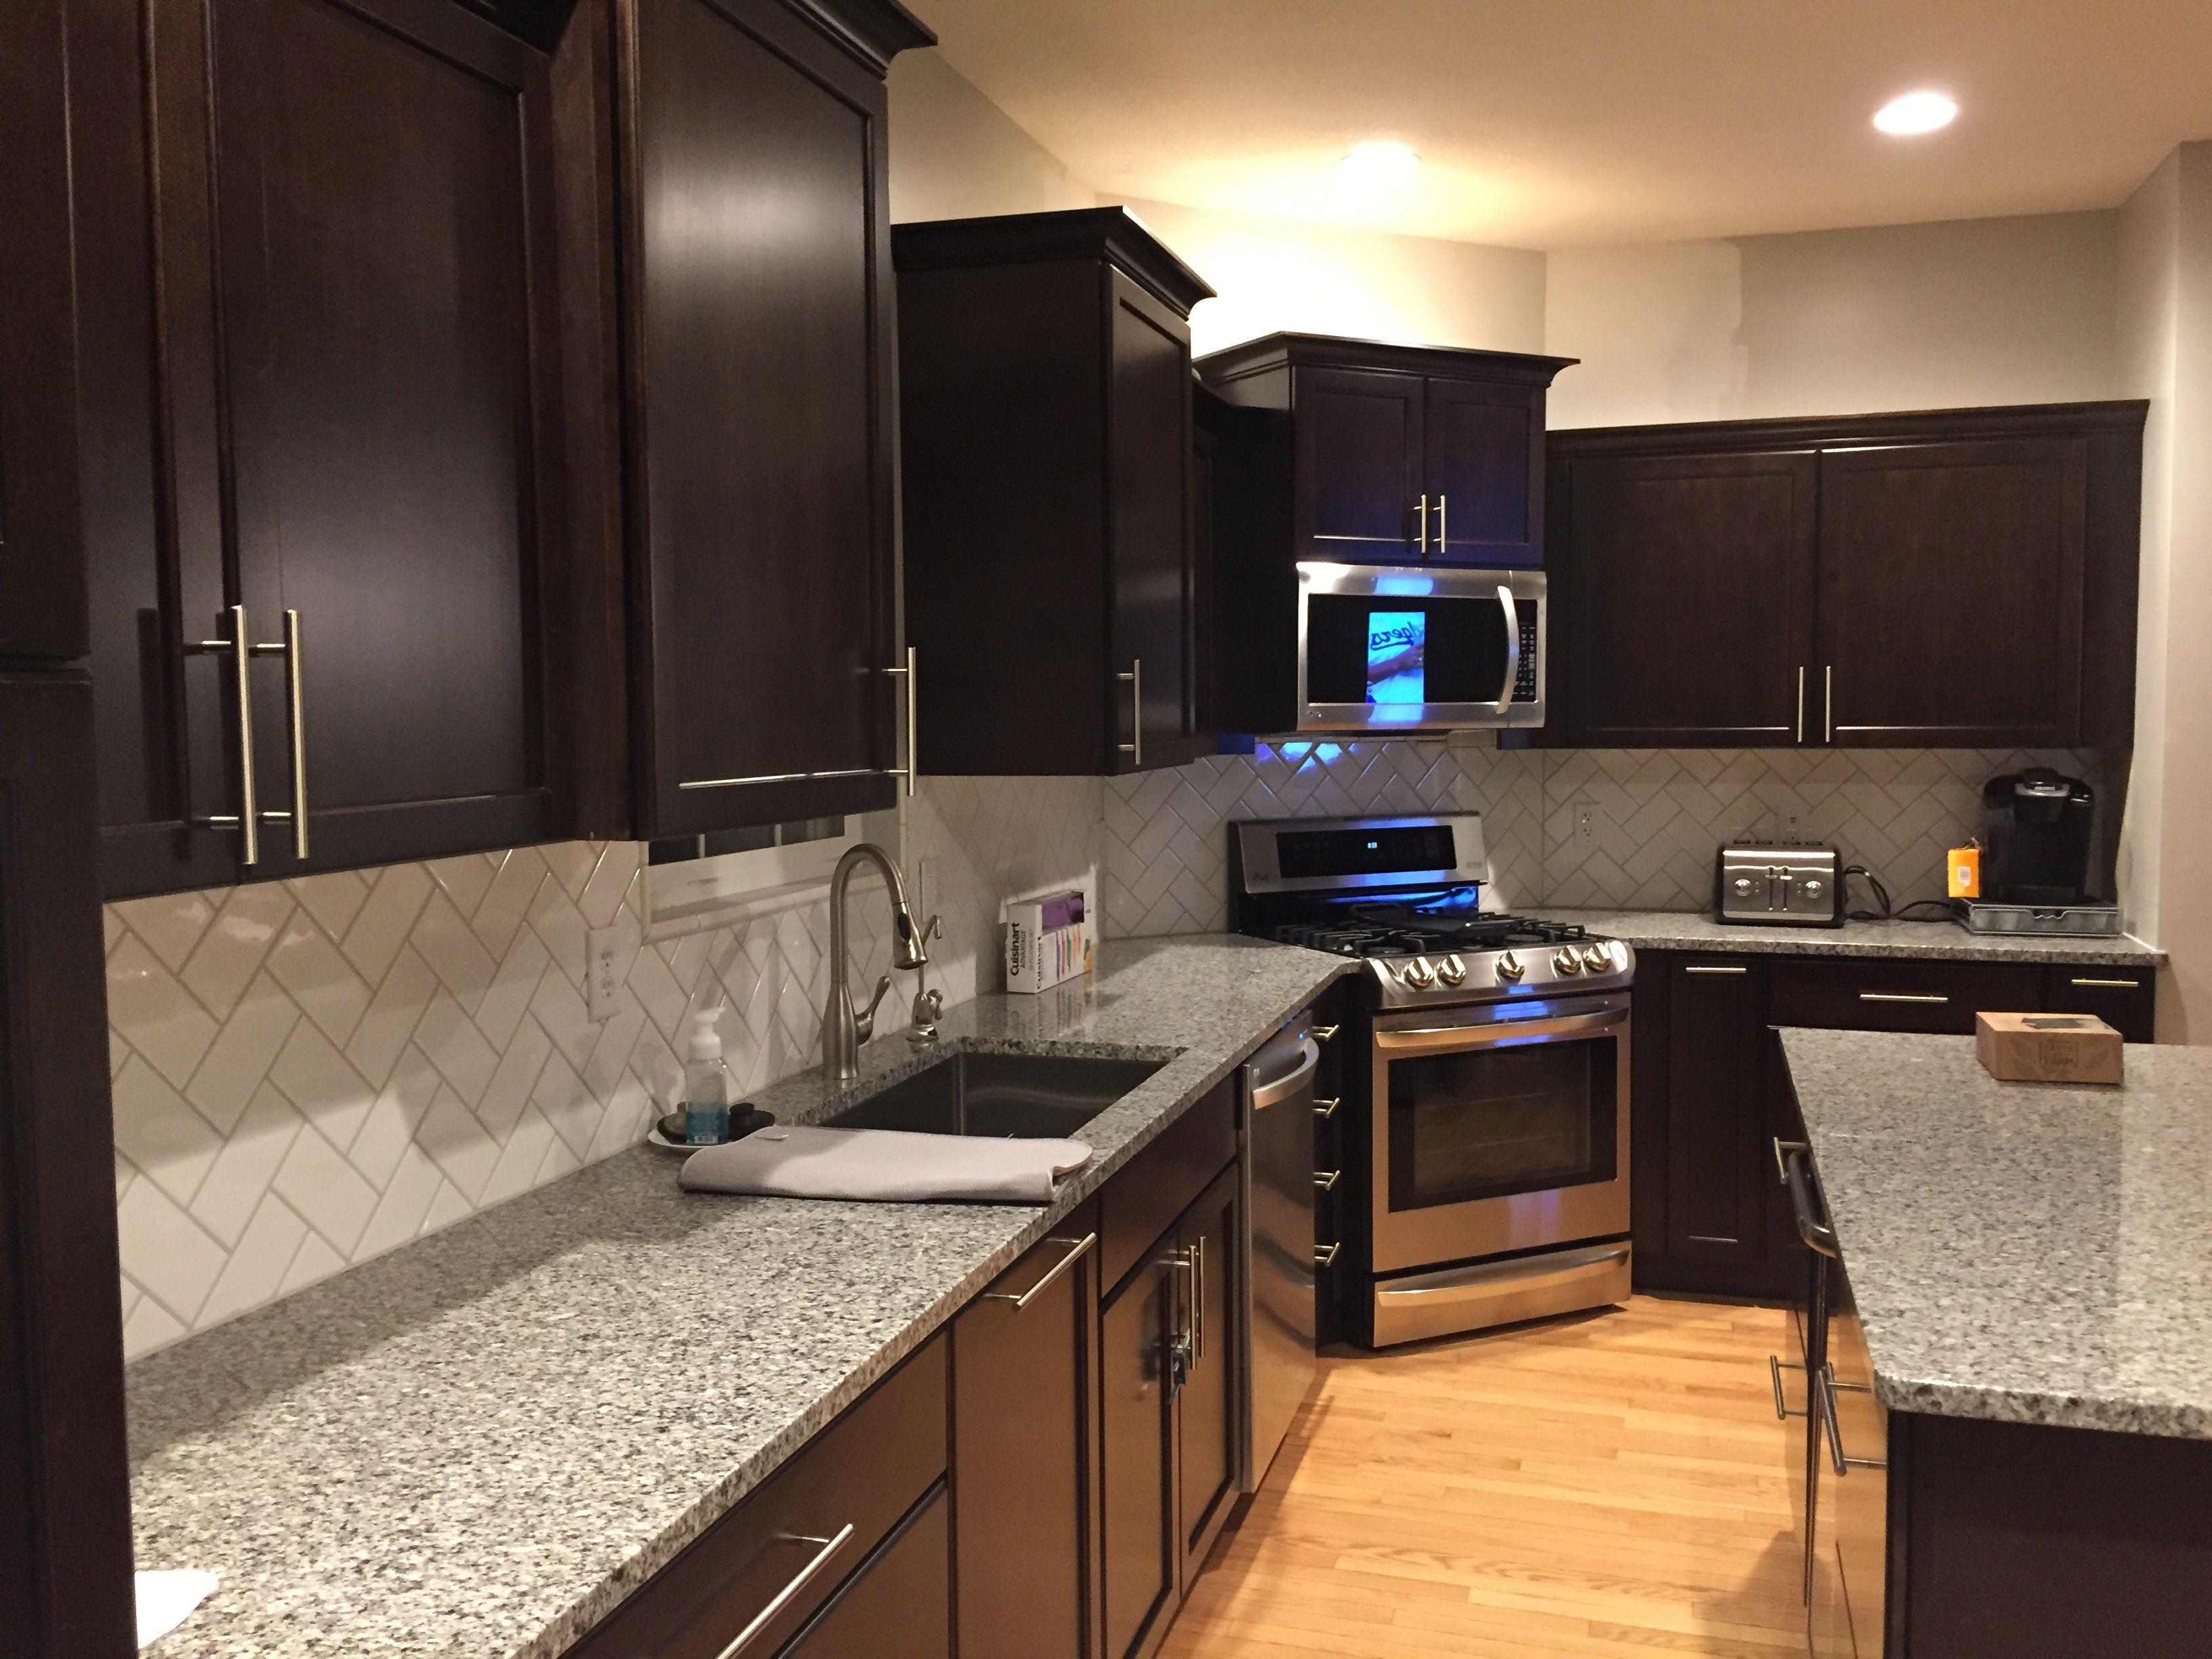 Dark cabinets Kraft maid subway tile azul platino granite 2016